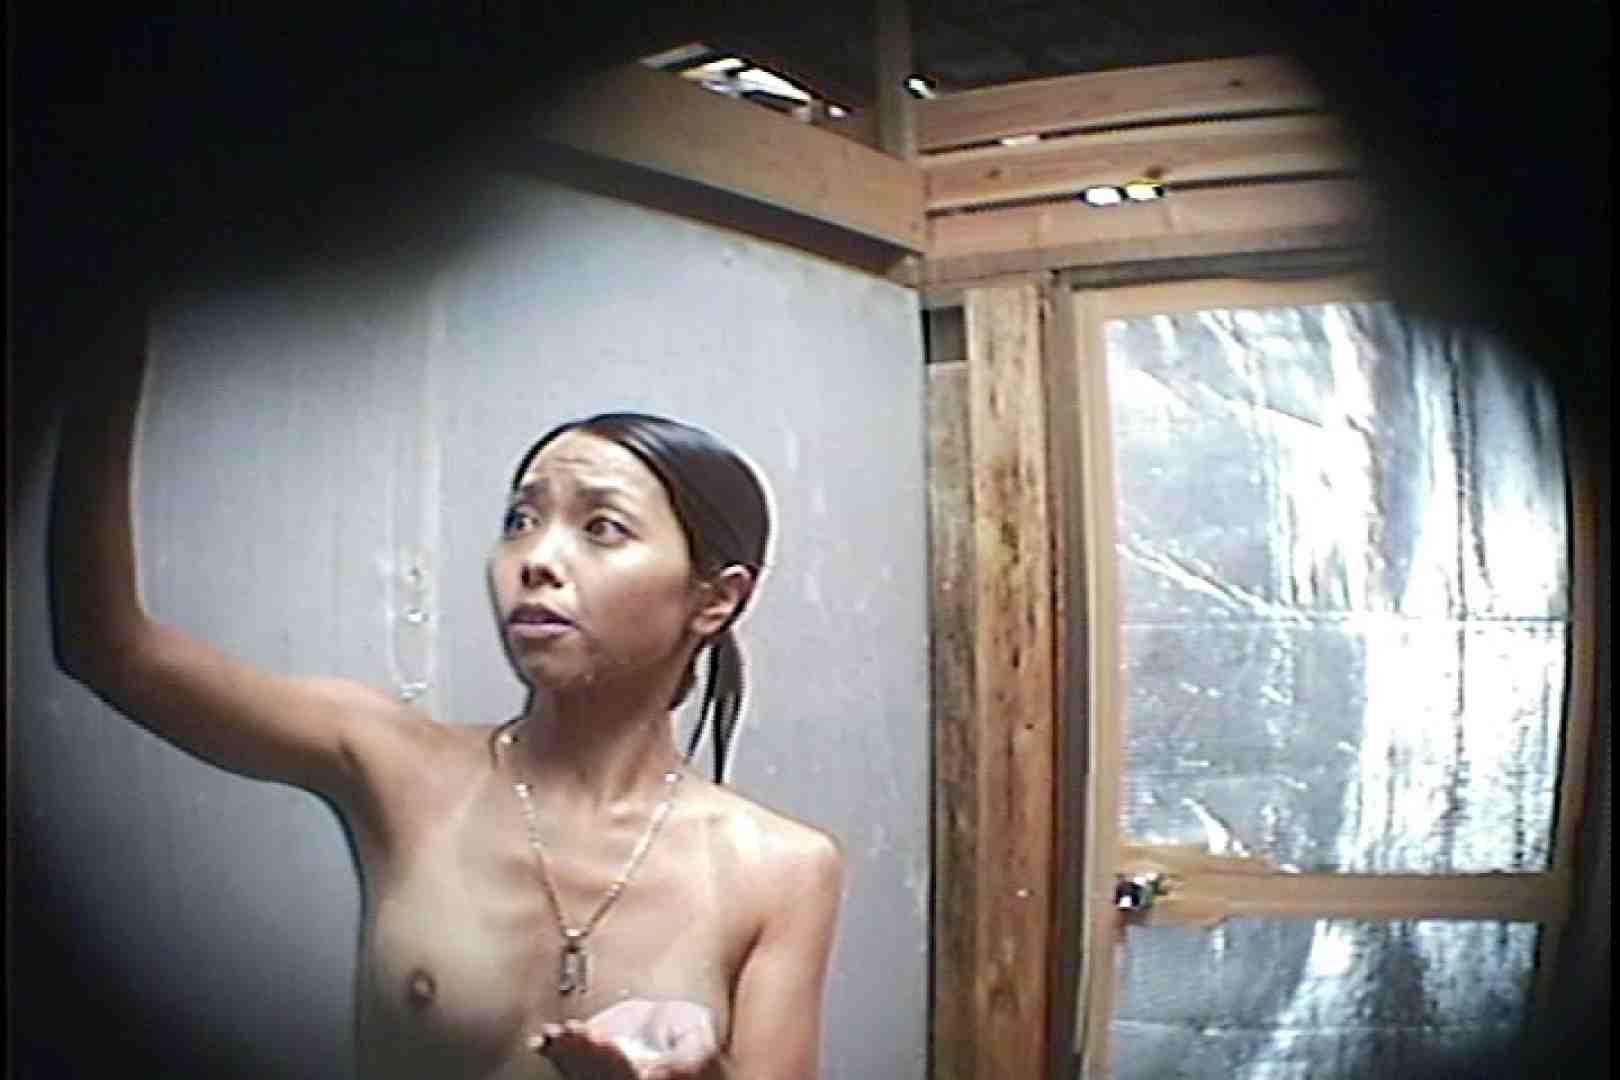 海の家の更衣室 Vol.45 日焼けした女たち ヌード画像 78画像 65